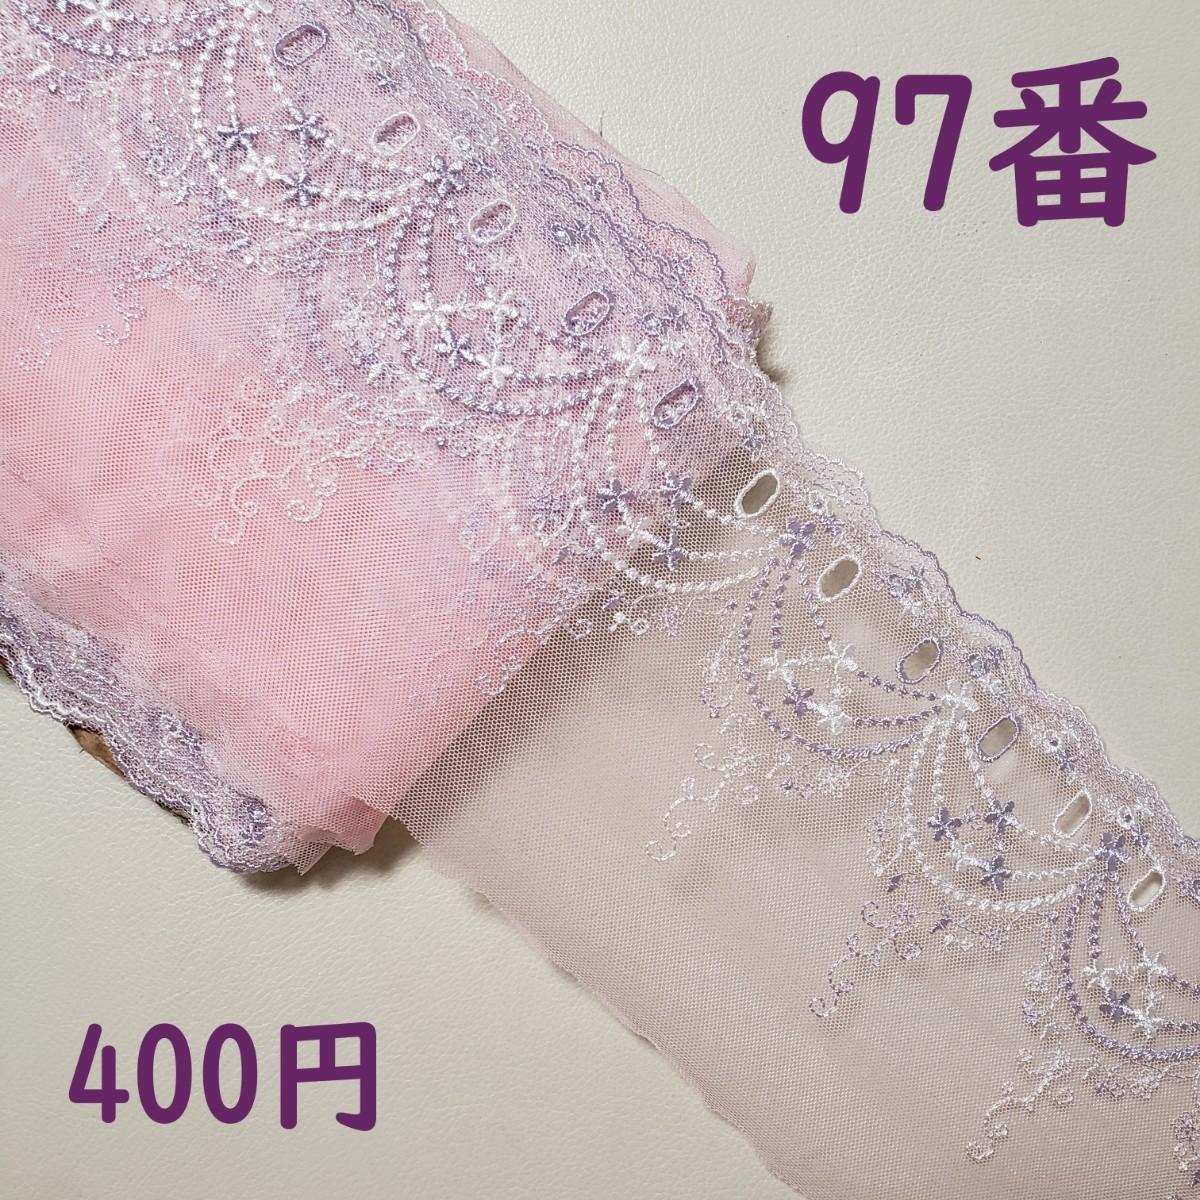 97.高品質刺繍チュールレース生地4メートル チュールレース